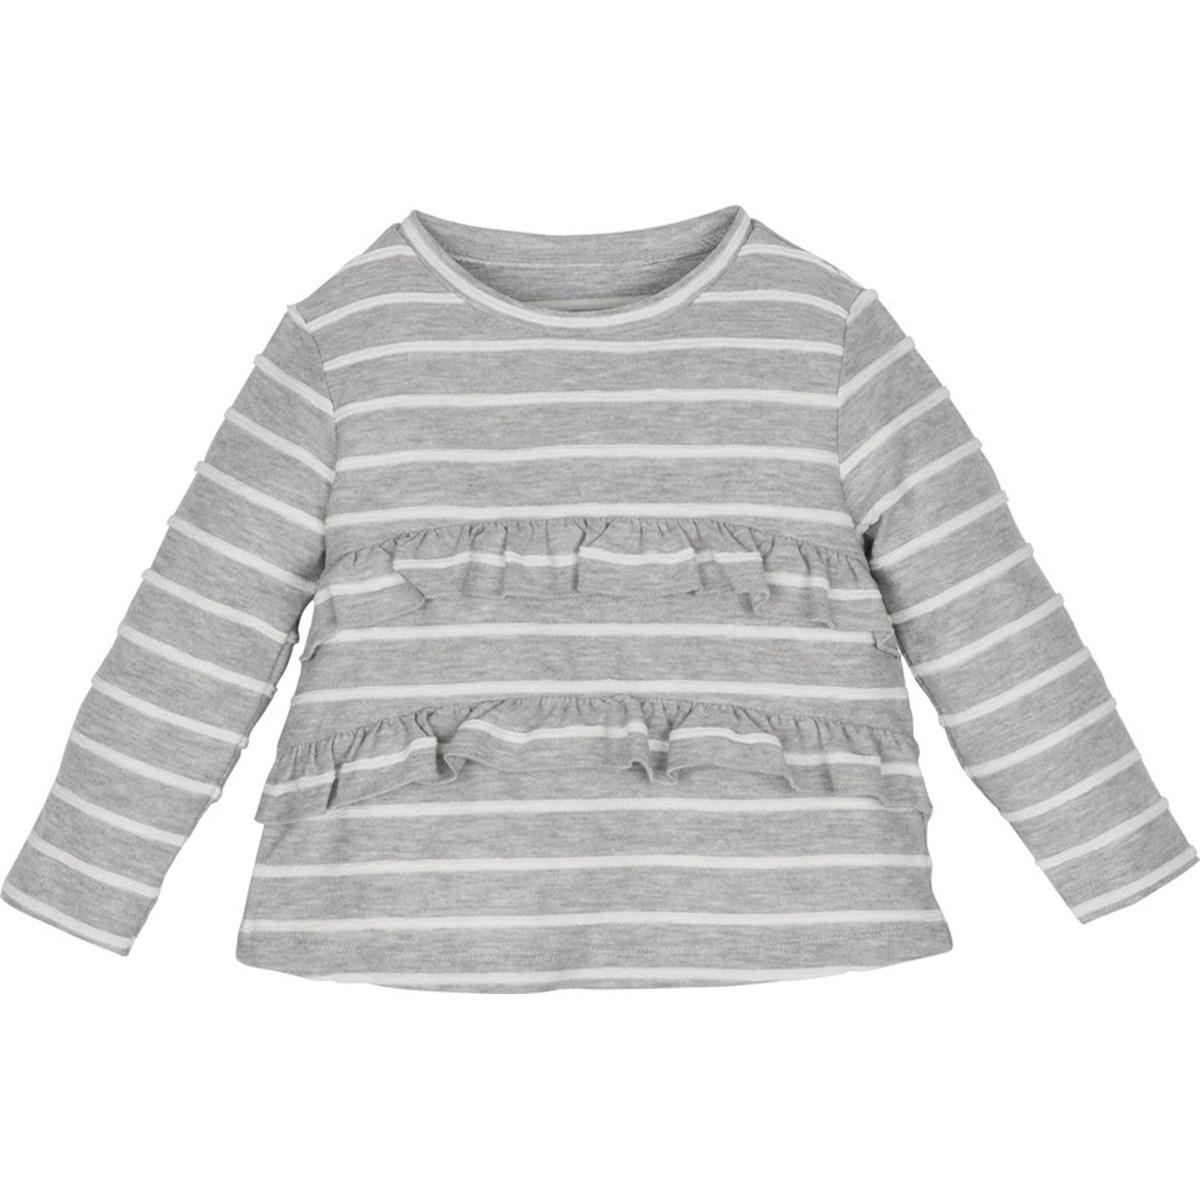 12410 Sweatshirt 1